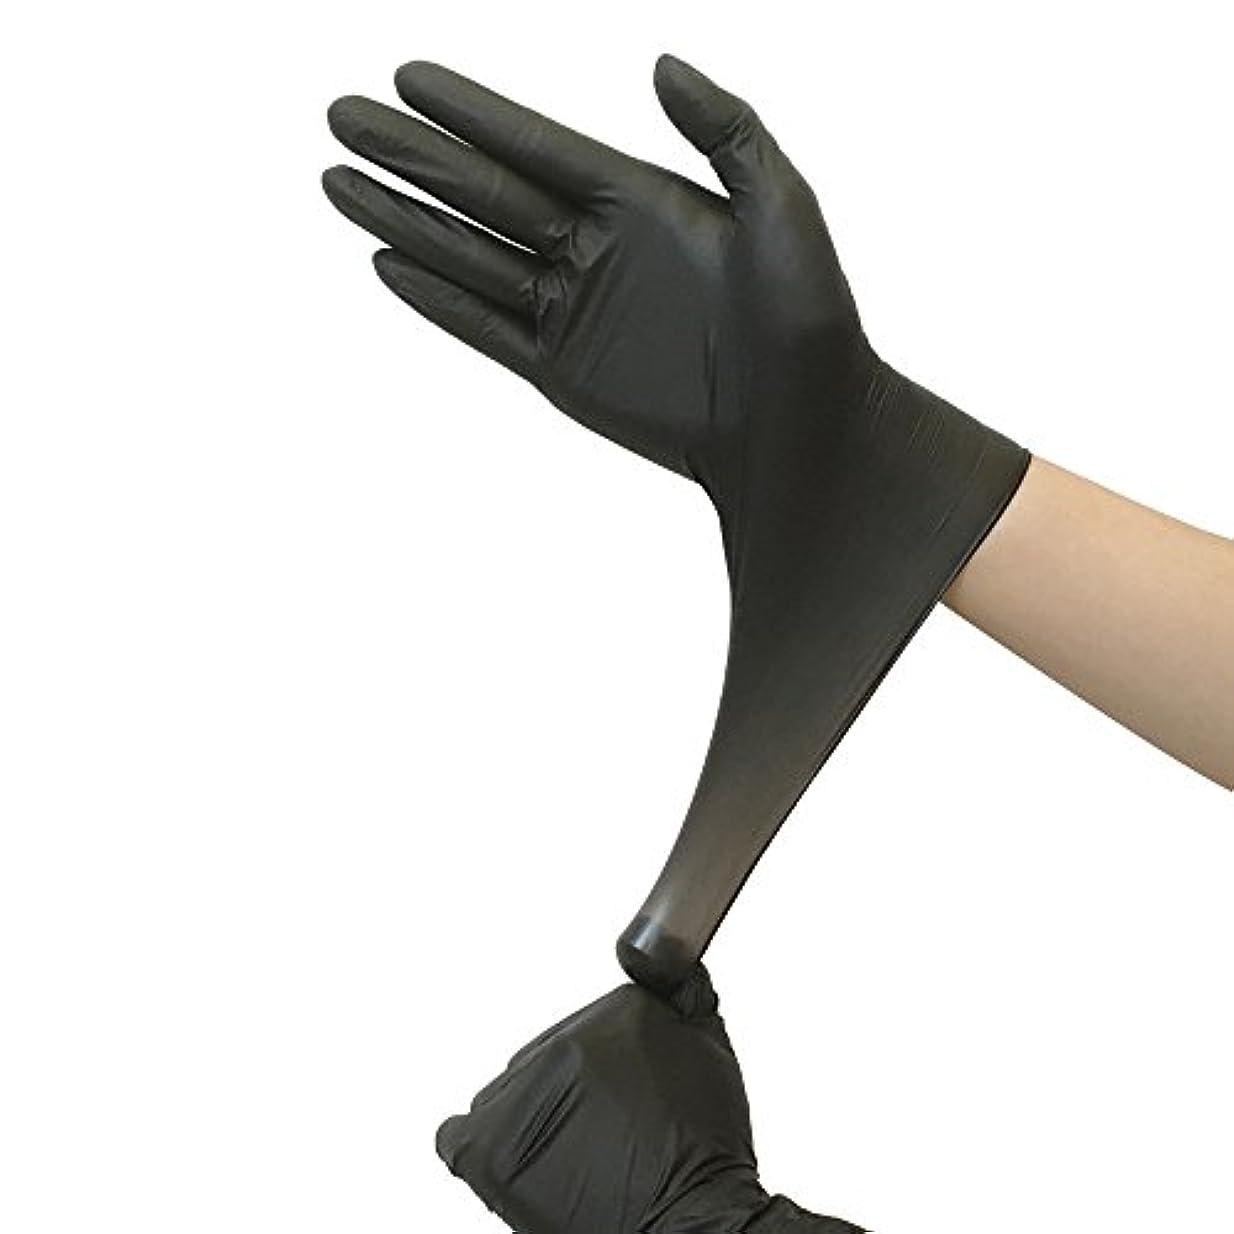 シェル挽くリラックスしたニトリル手袋  使い捨て手袋 粉なし 100枚入 ブラック